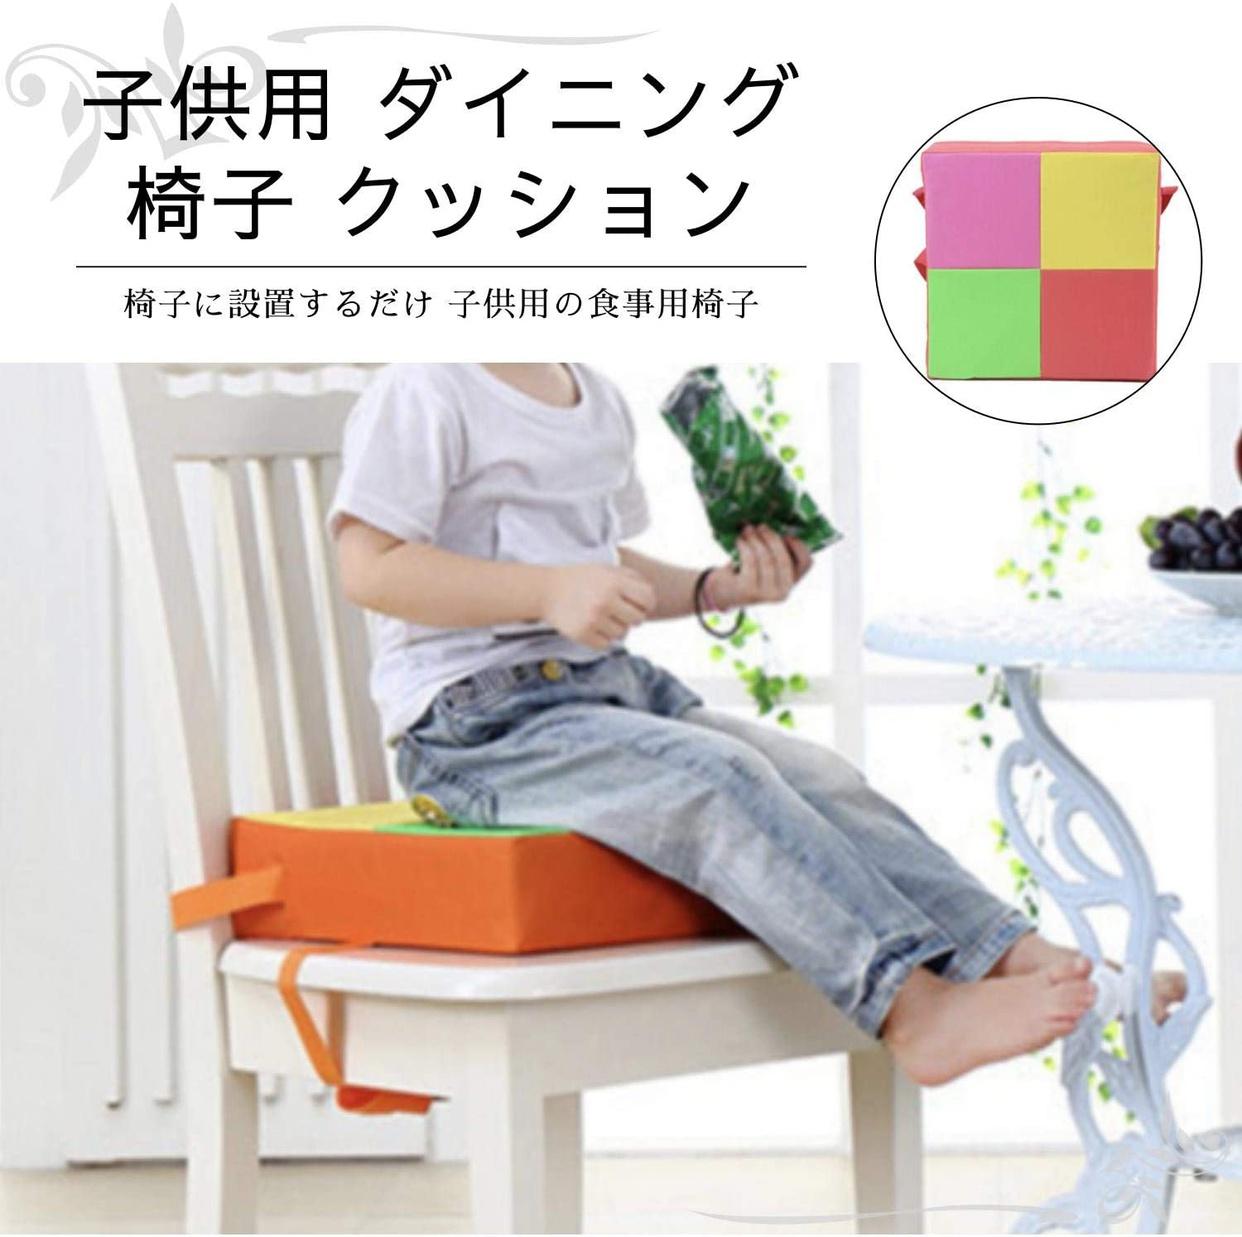 A'sTool(アズツール) 子供用 食事用クッションの商品画像2